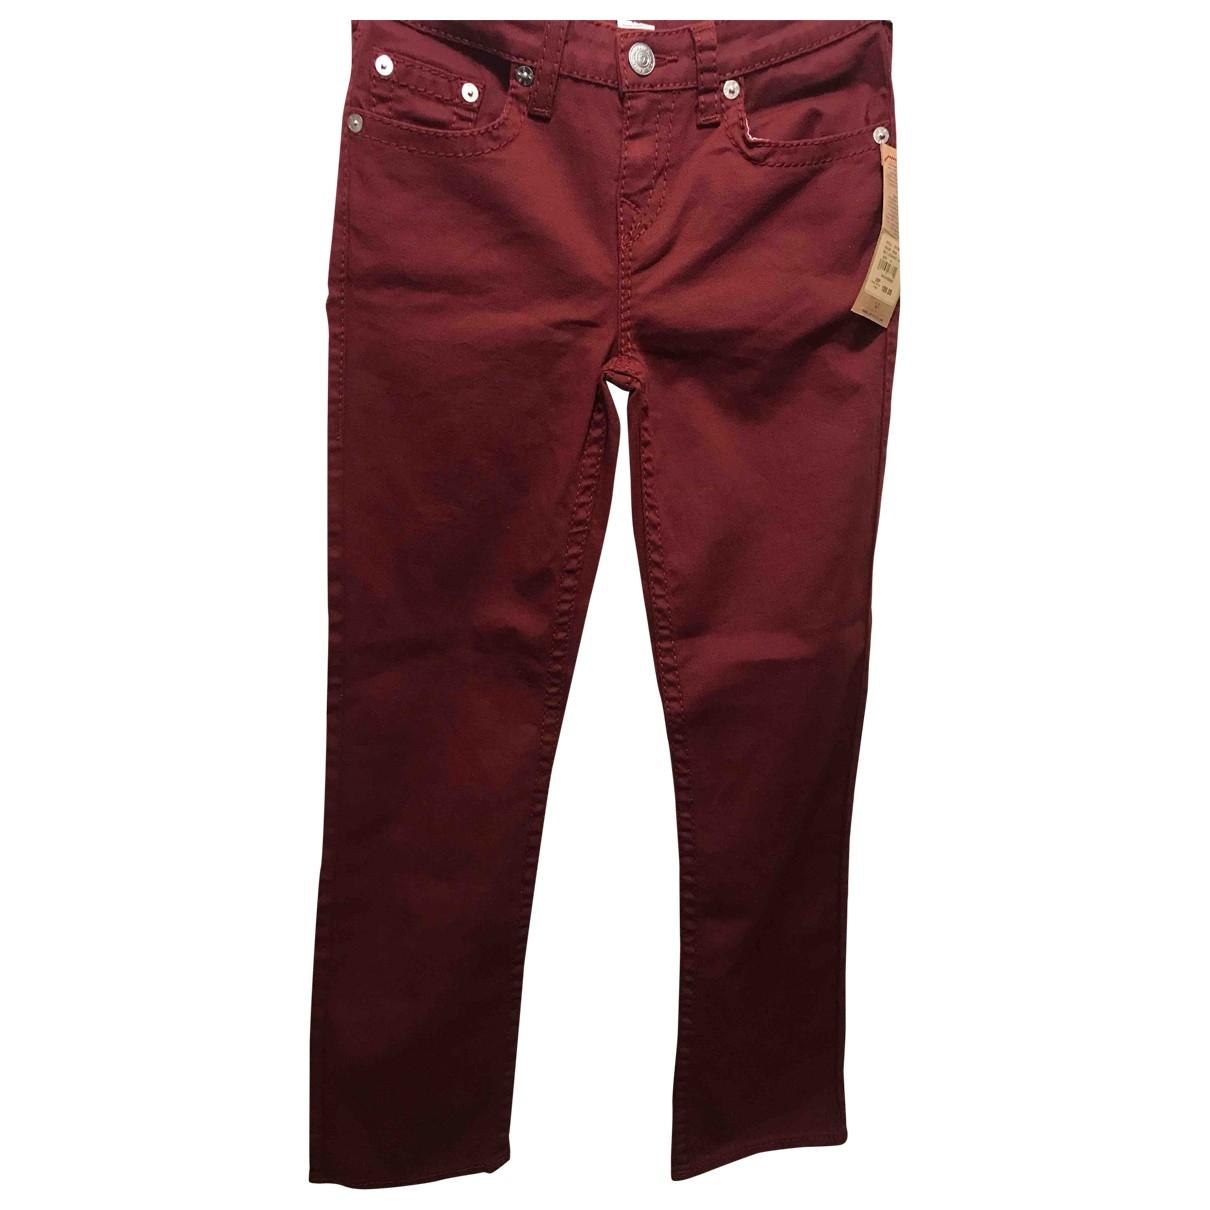 Pantalon recto True Religion